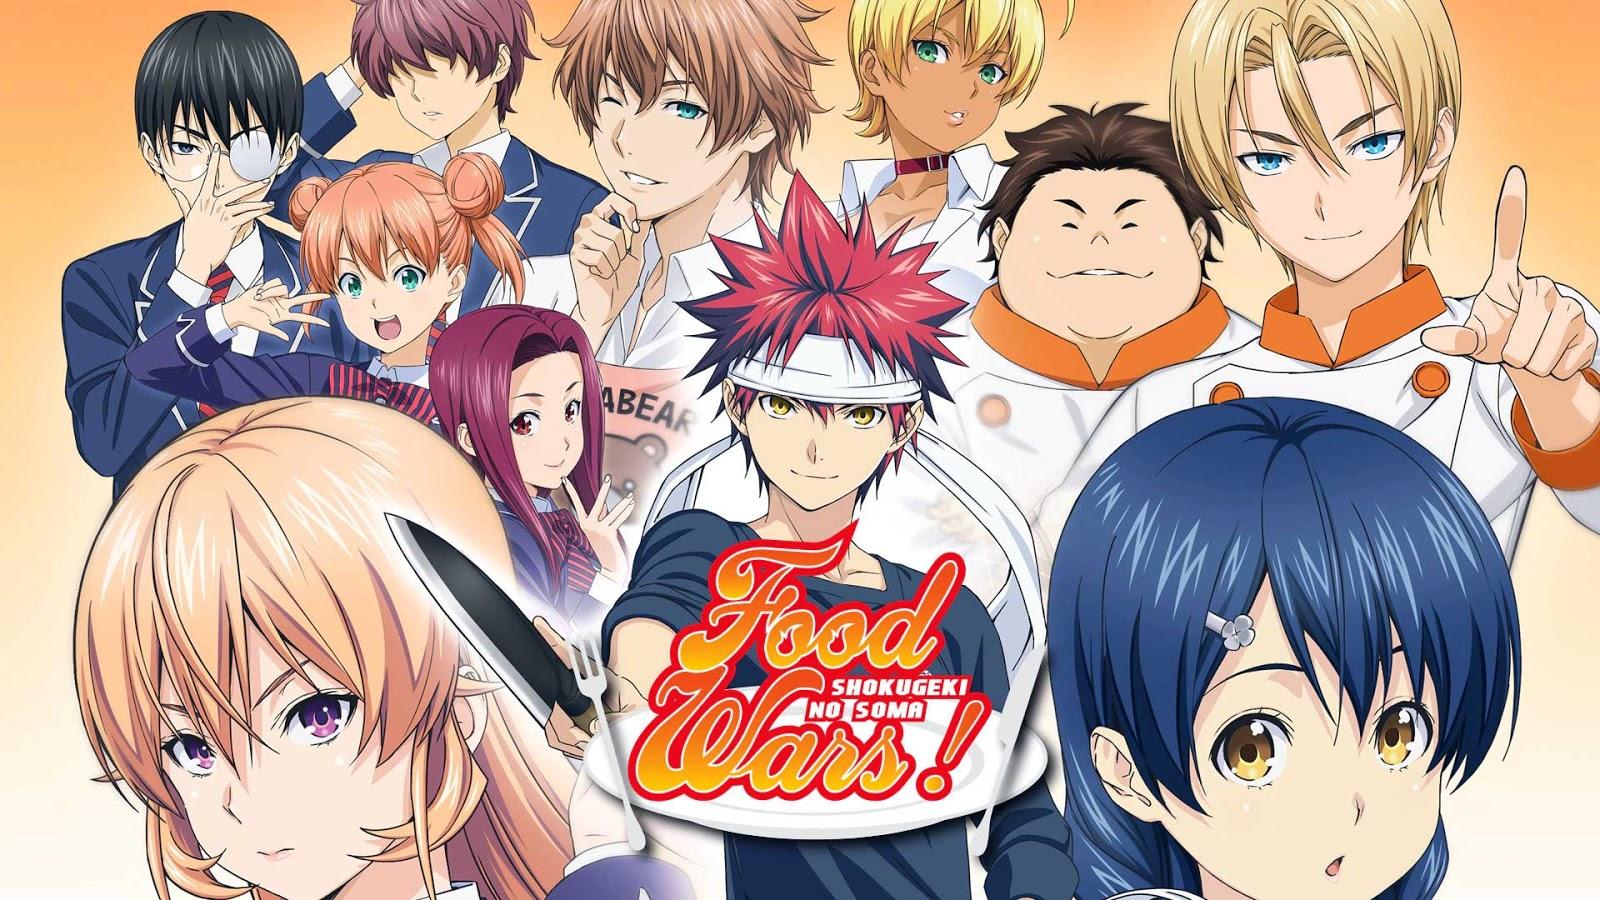 ≫ Episodios Shokugeki no Soma : Relleno y Orden para ver | Anime Datos